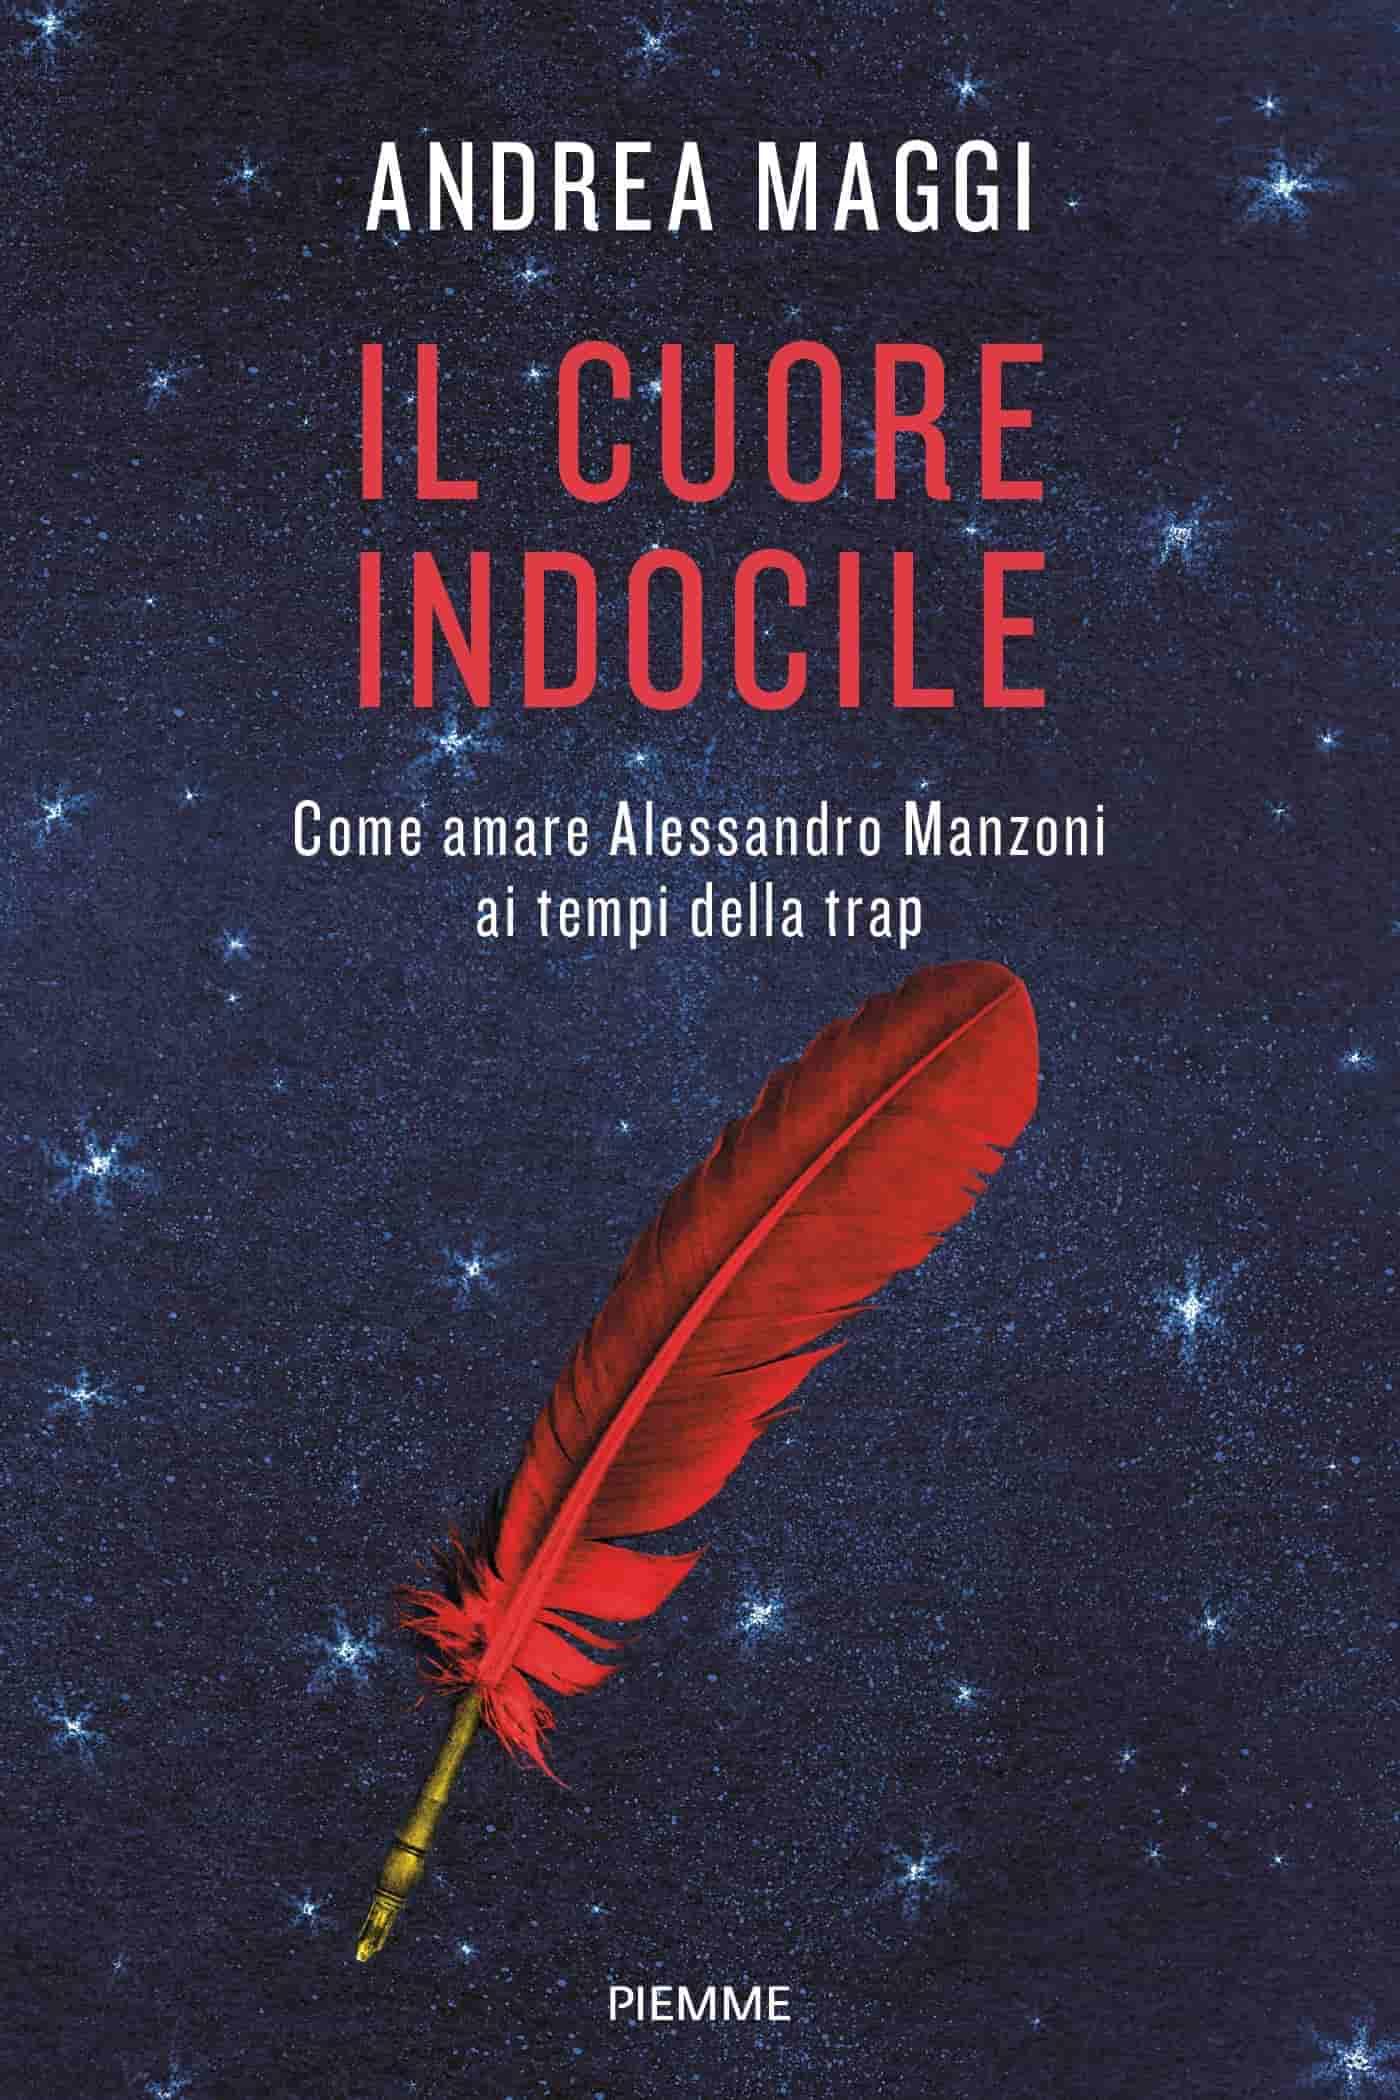 Il cuore indocile, Andrea Maggi